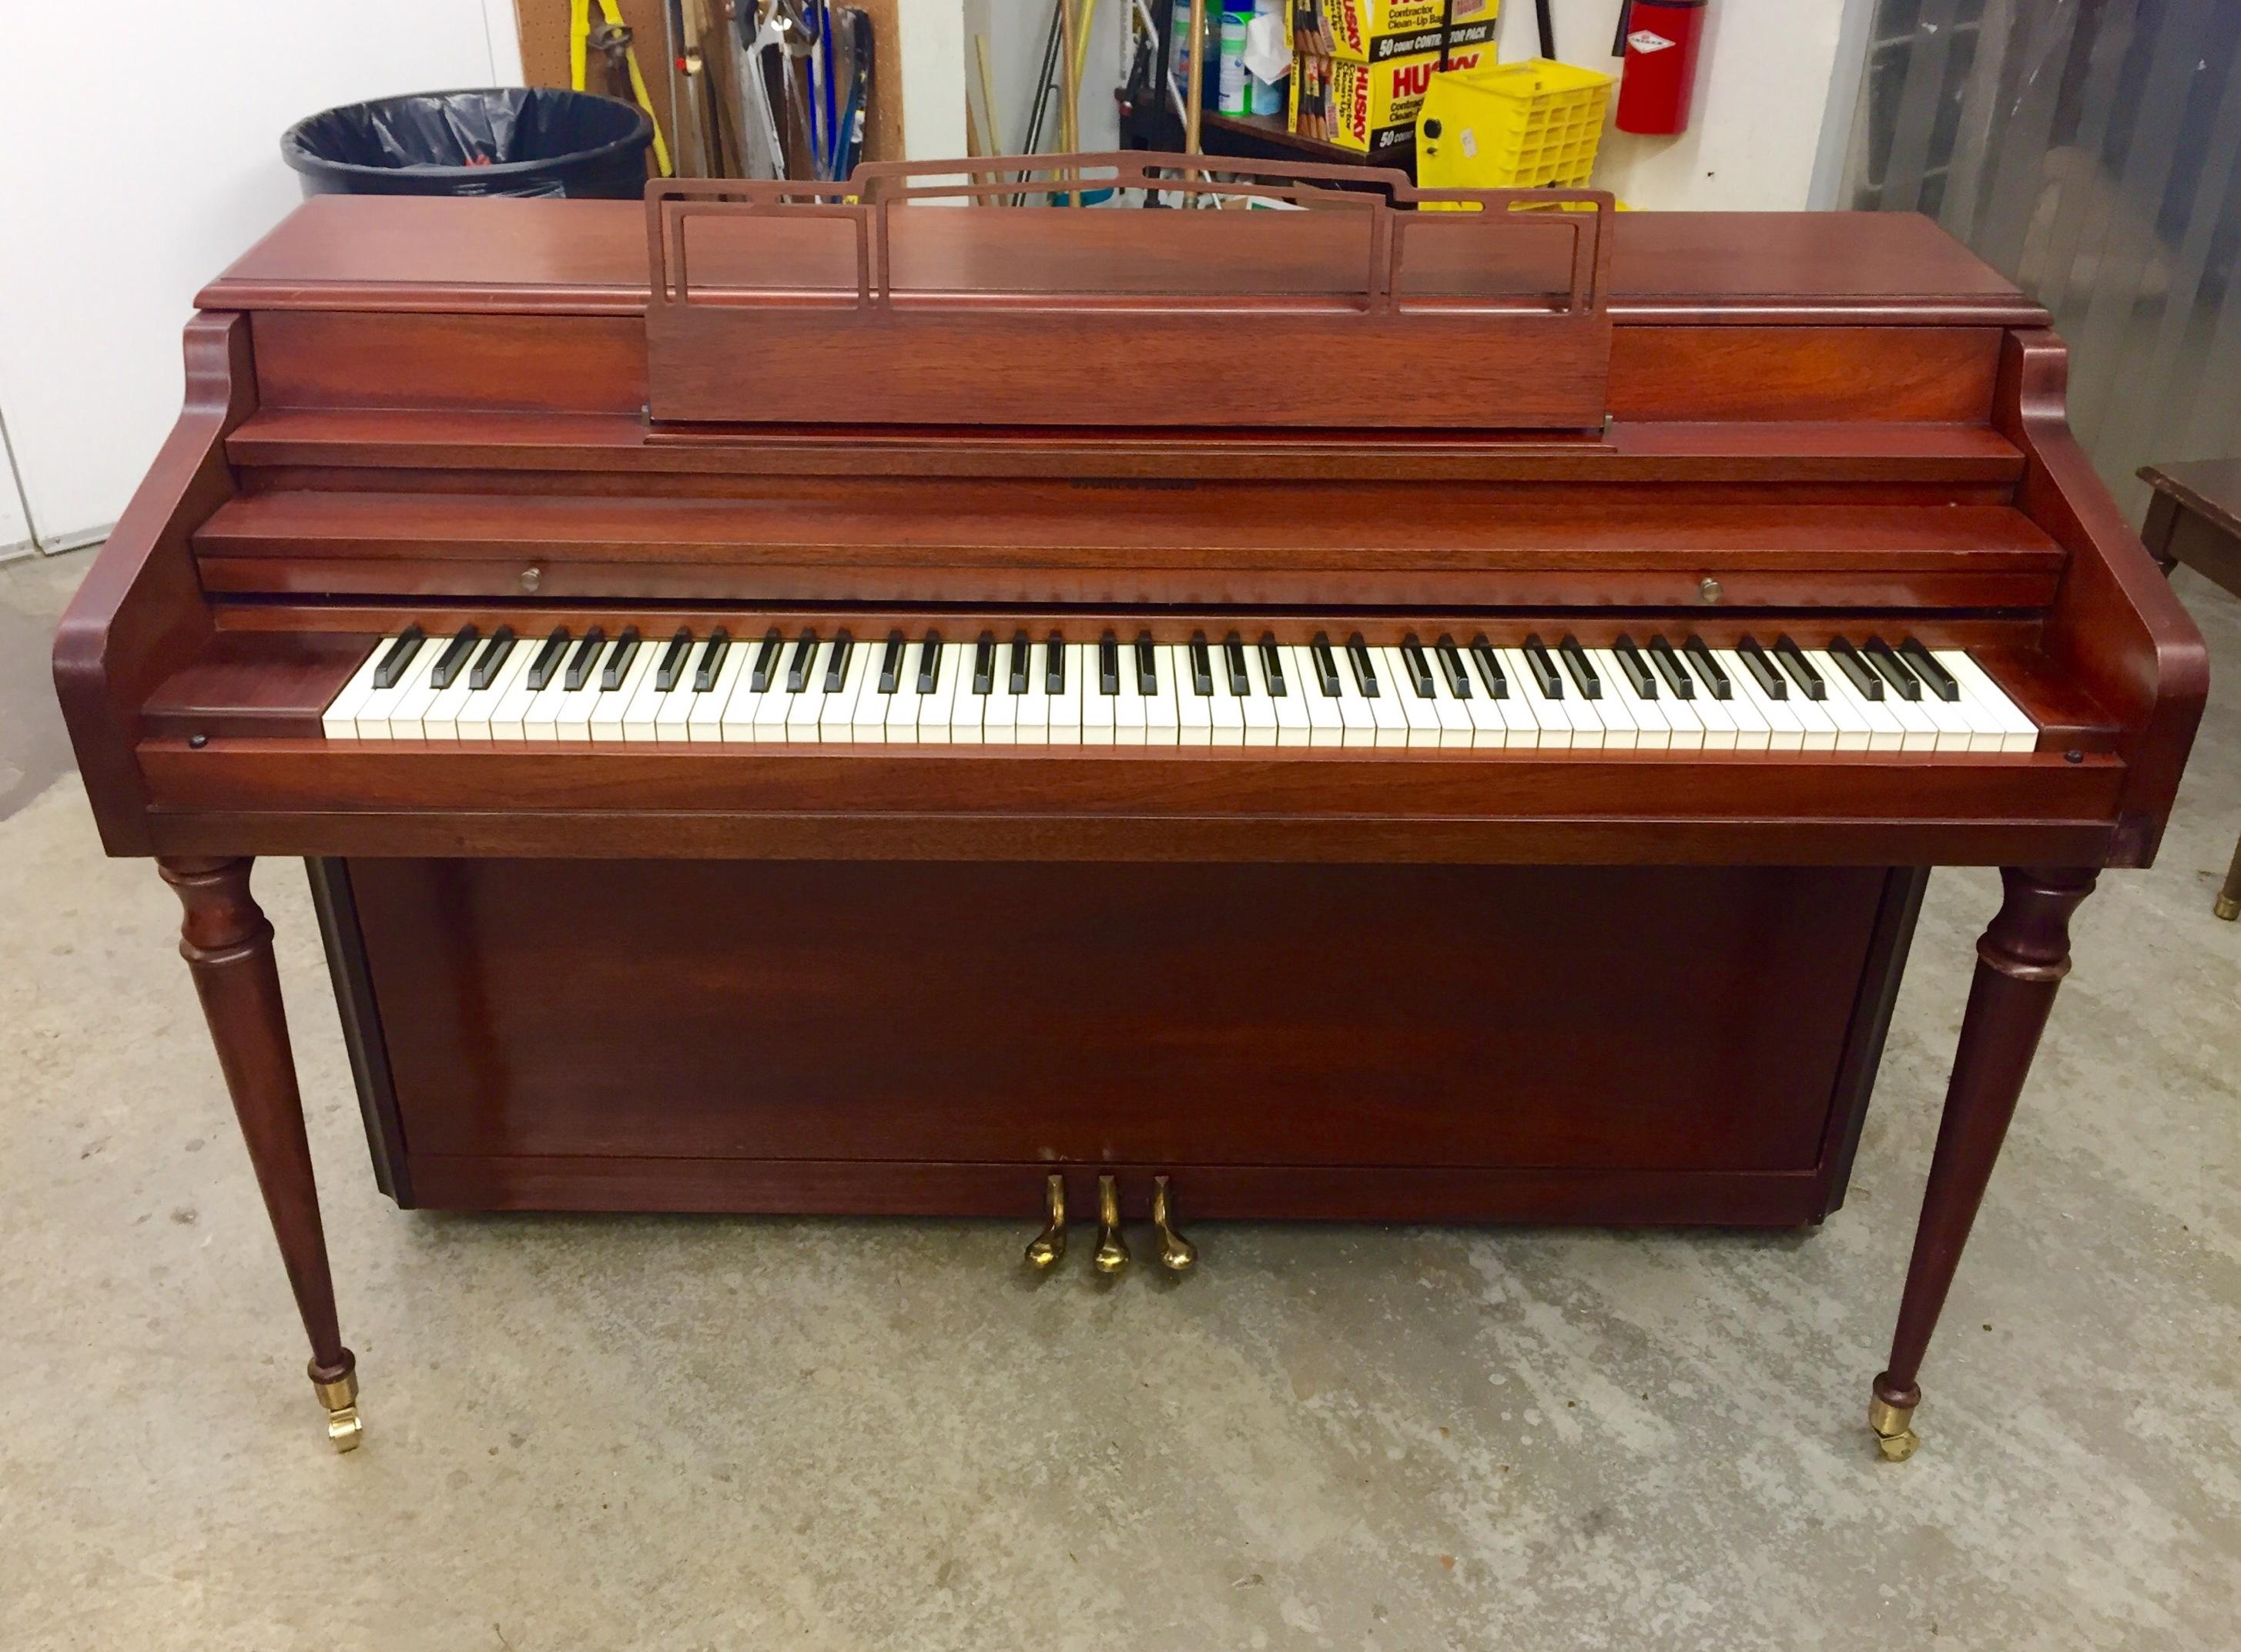 milton piano company midget pianos